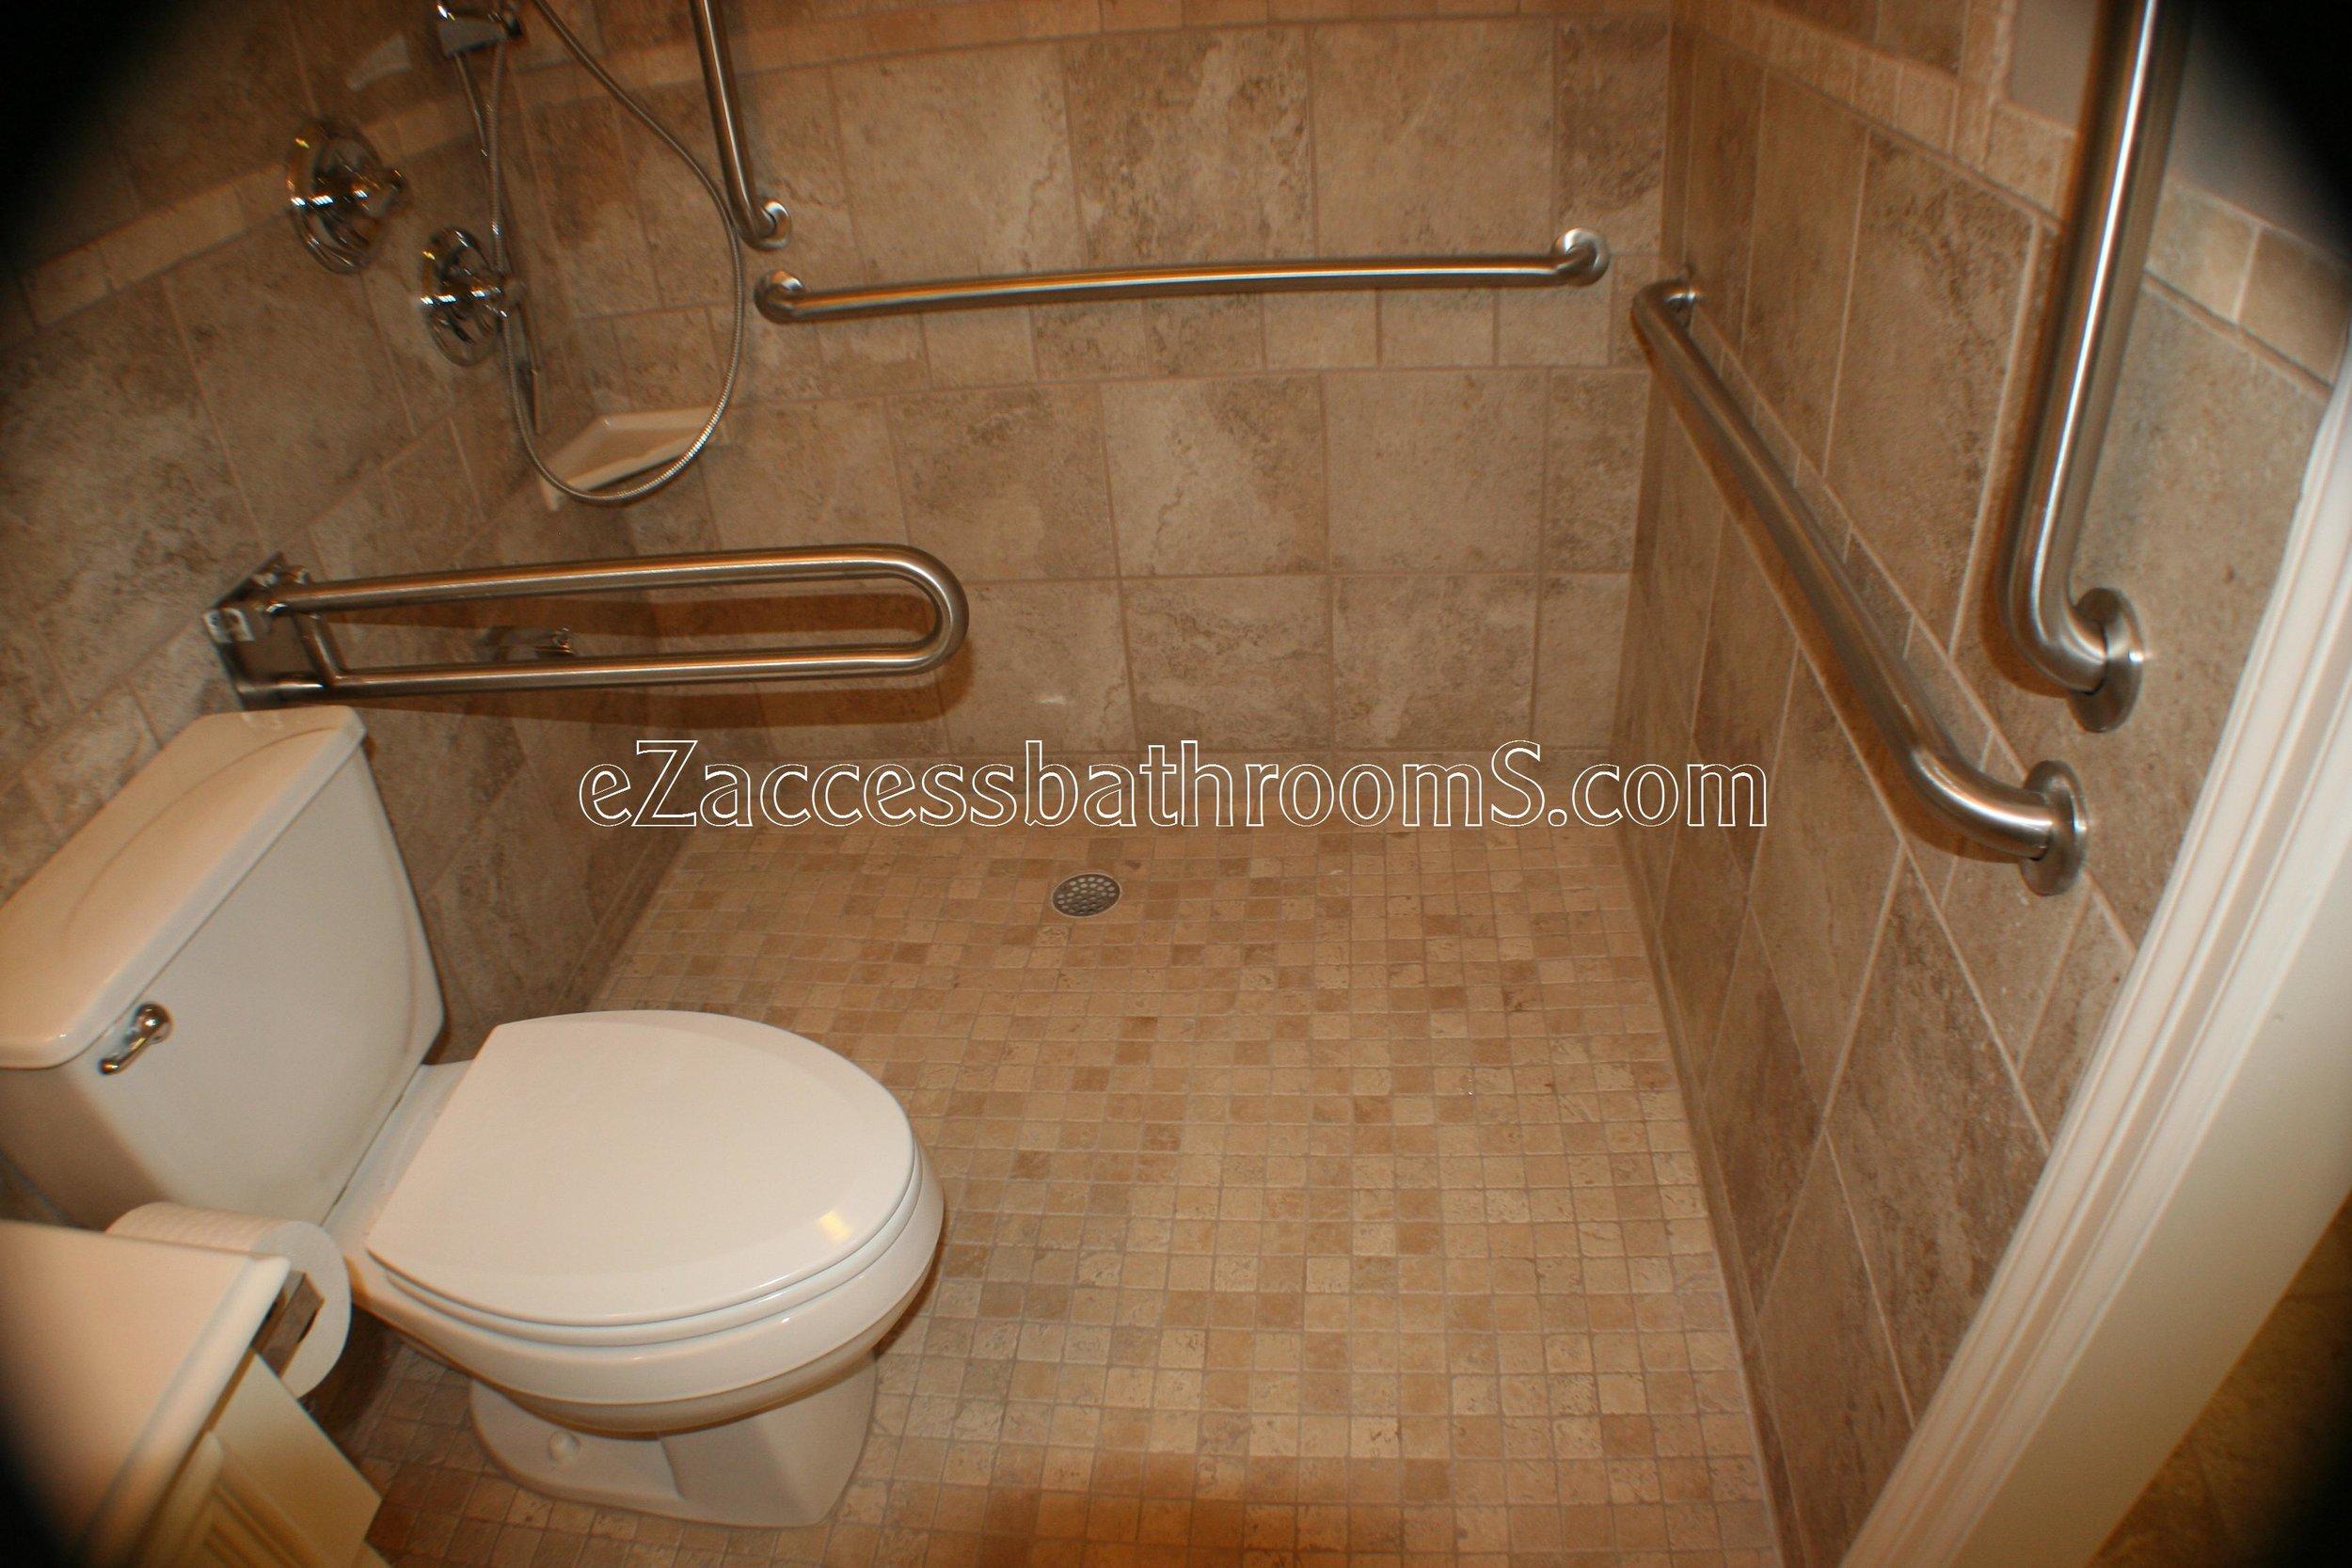 handicap bathroom 01 ezacessbathrooms.com 013.jpg